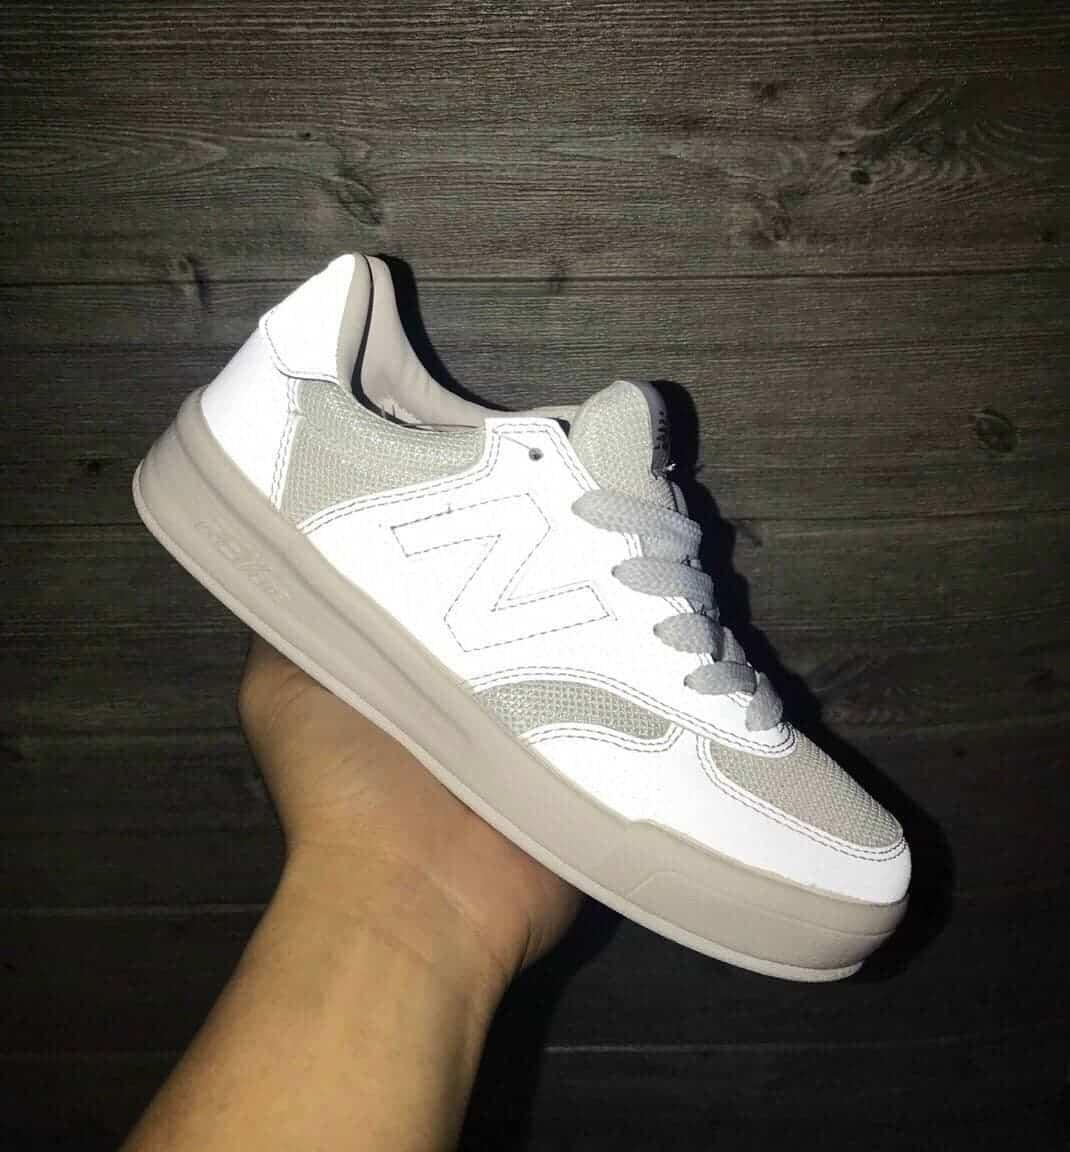 New Balance 840 thuộc top những mẫu giày năm đẹp 2022